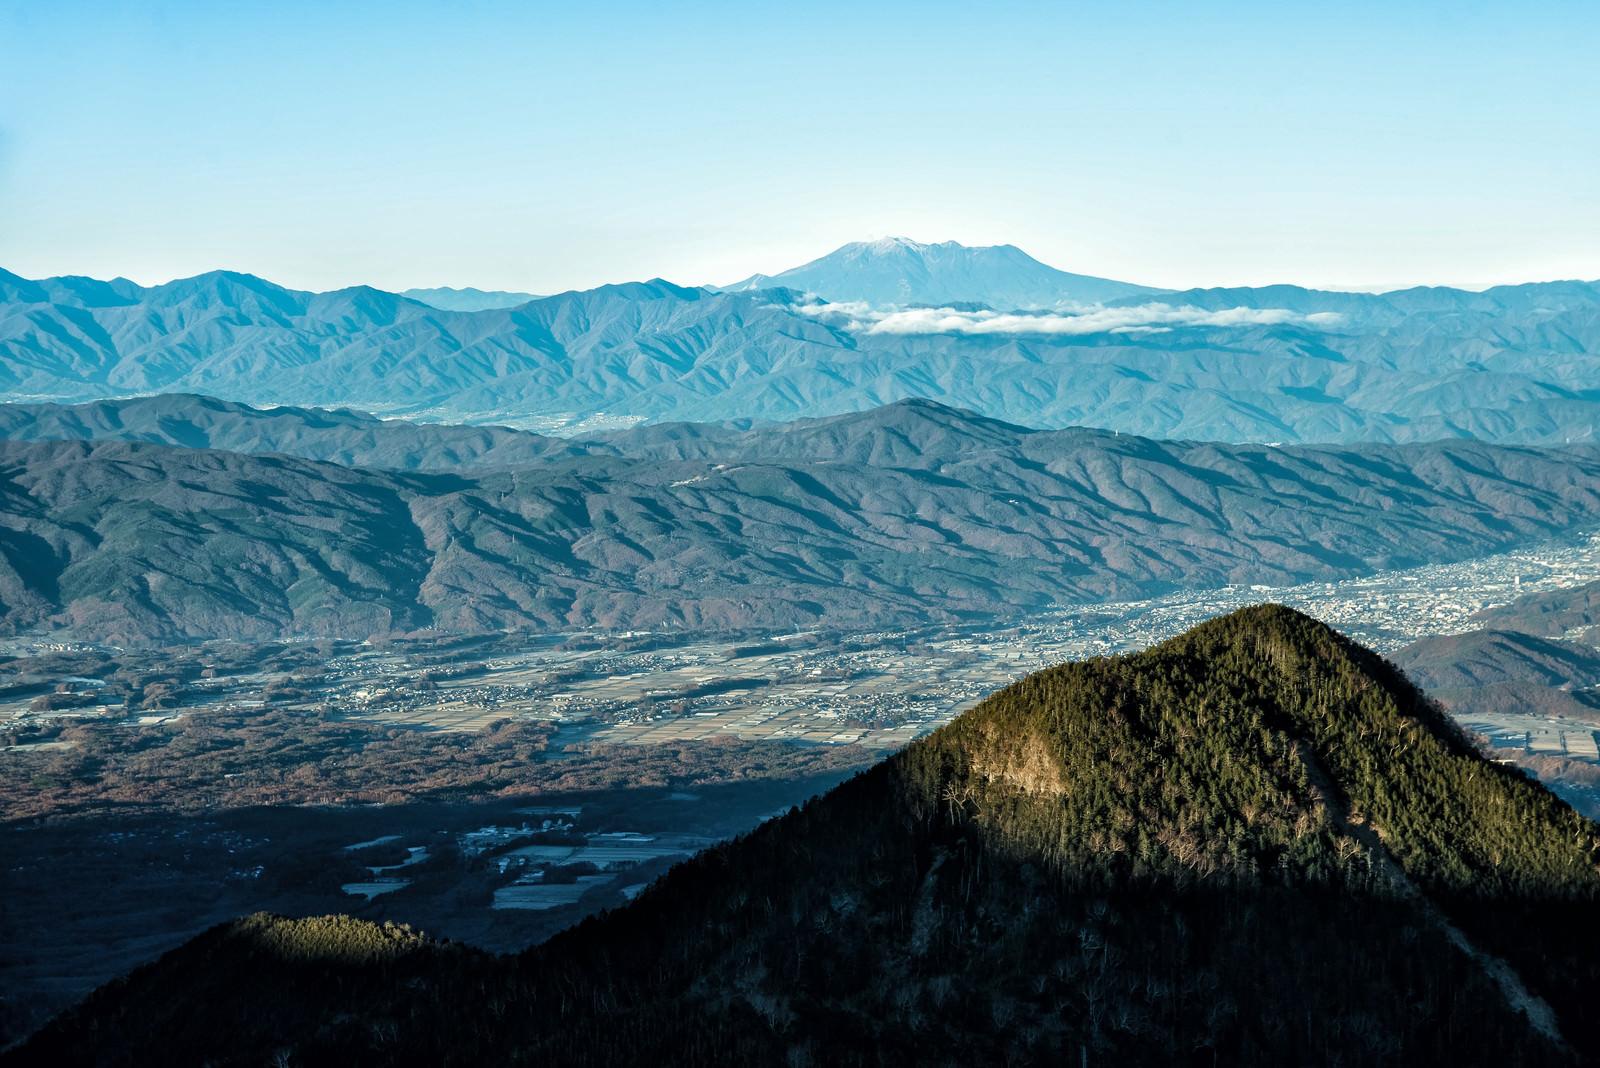 「麓の町並みと遥か遠くの御嶽山」の写真